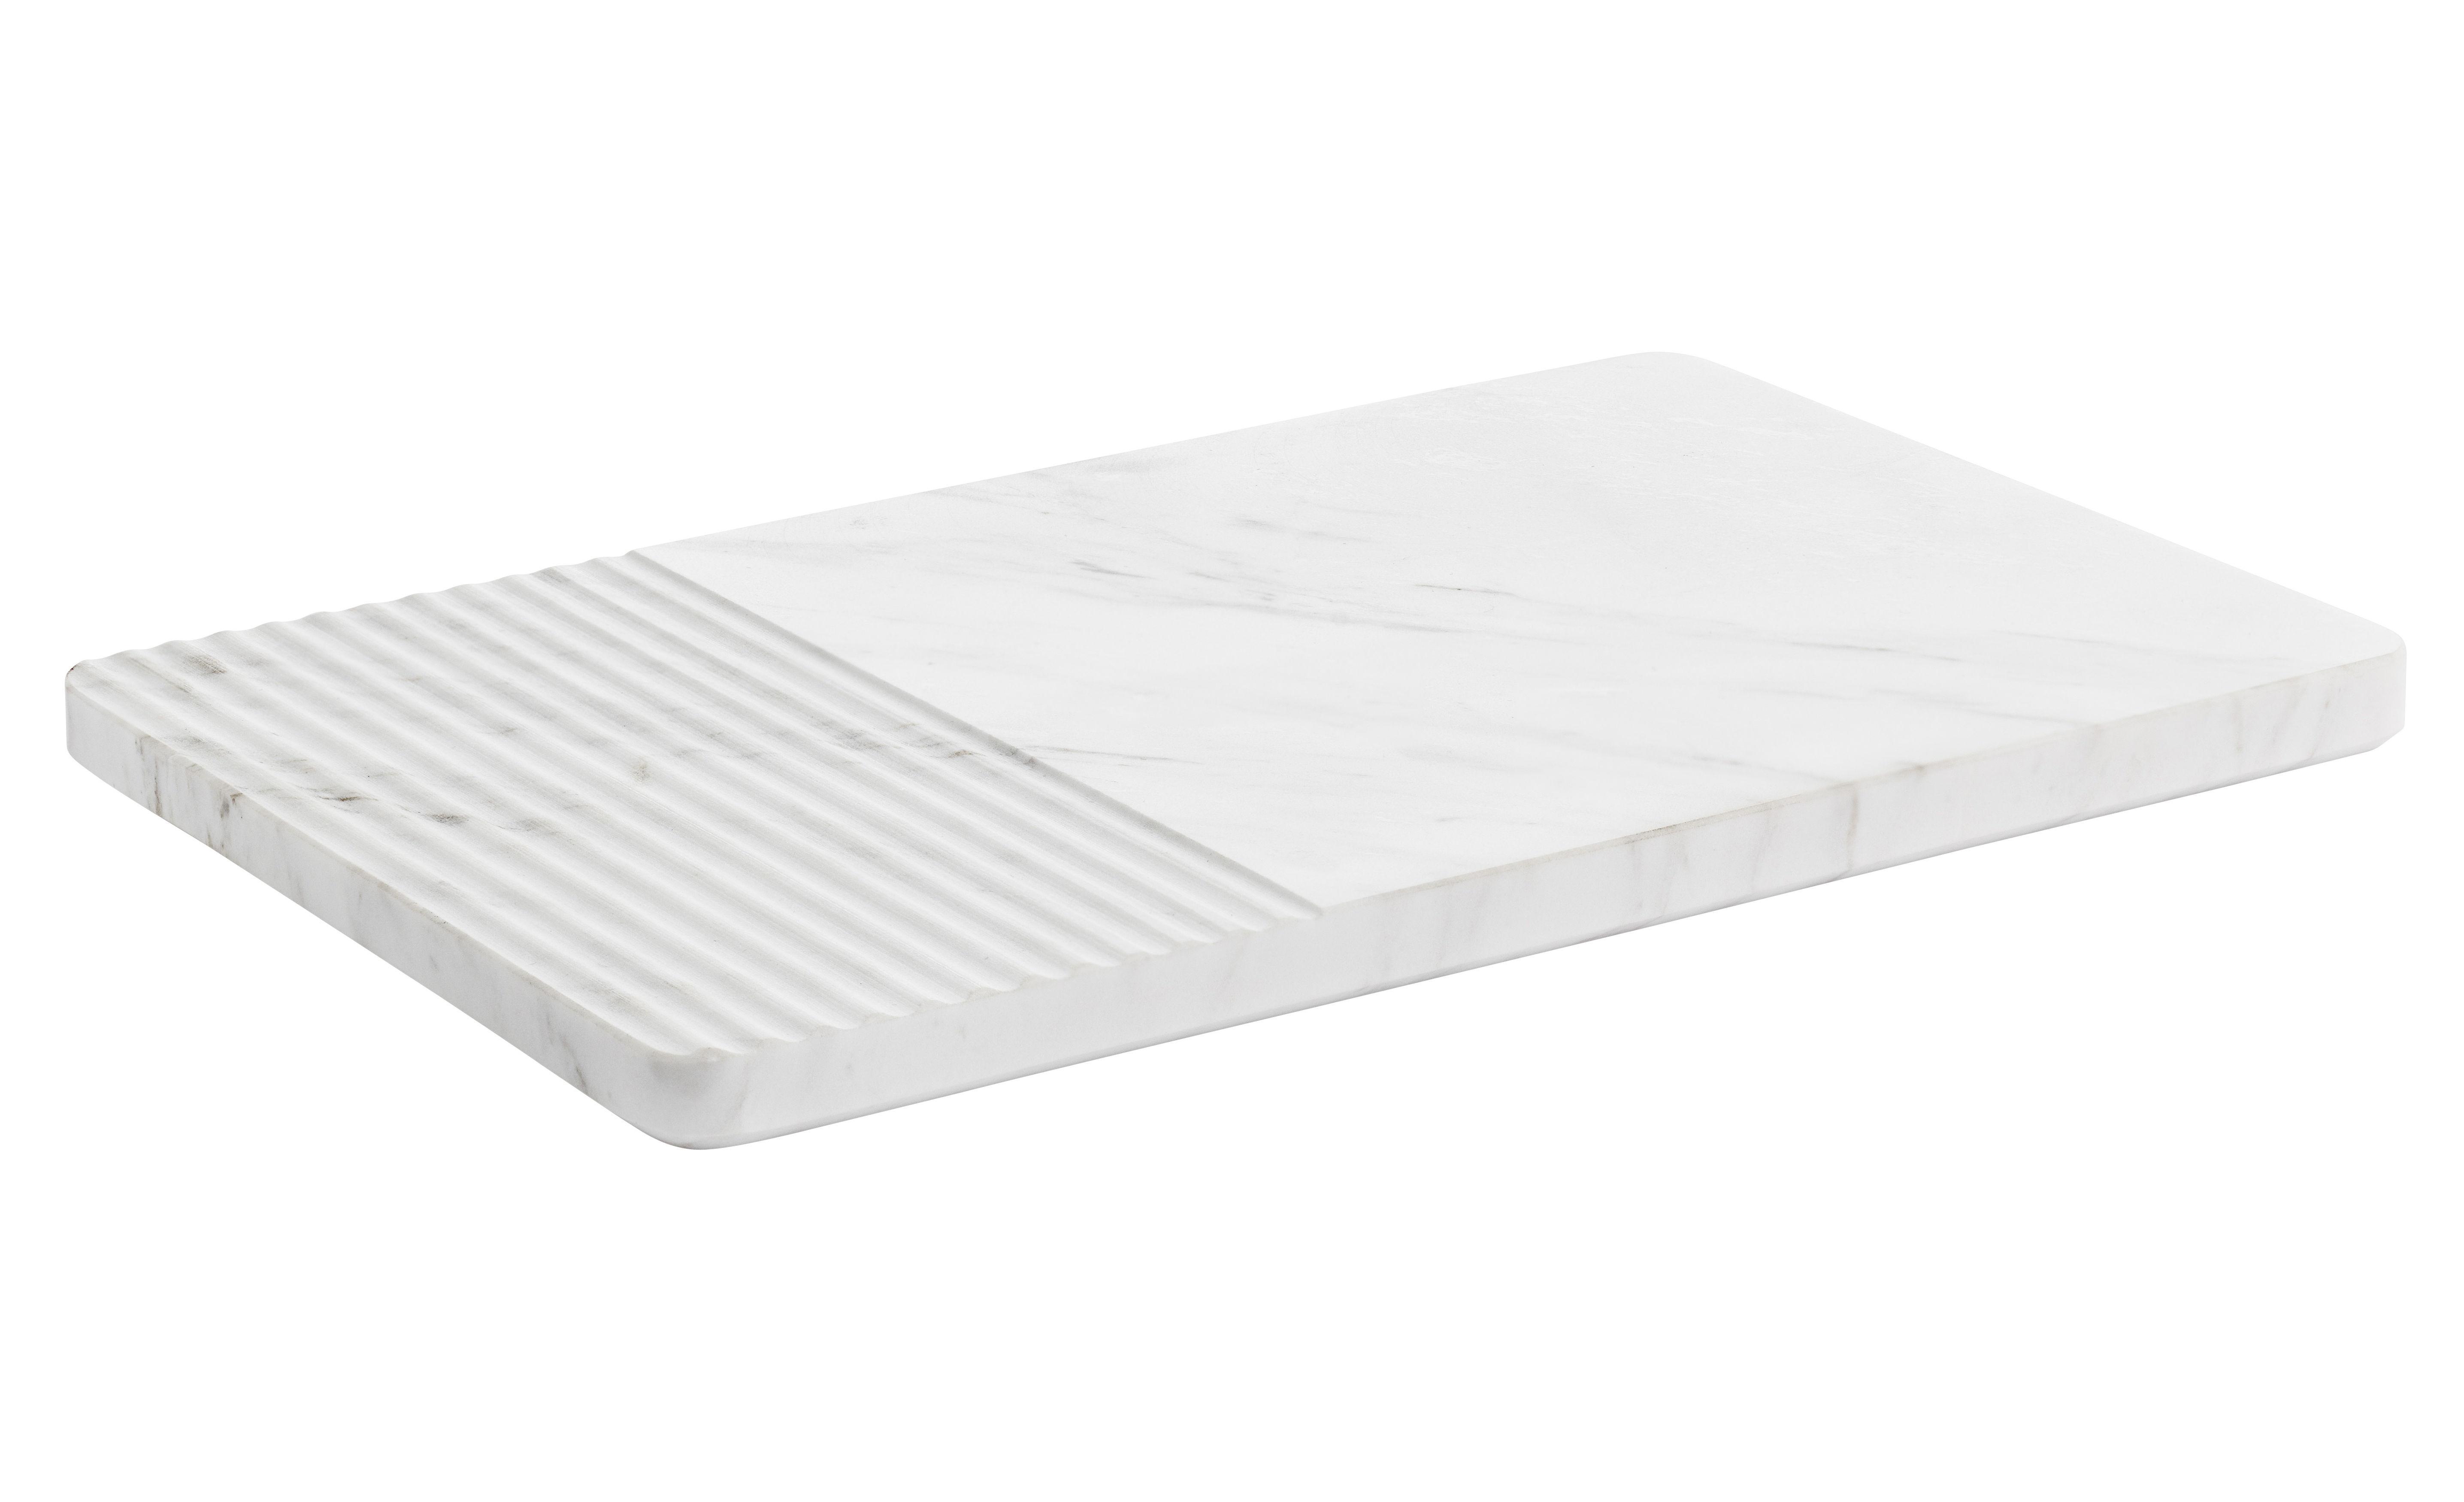 Arts de la table - Dessous de plat - Planche à découper Groove / Plateau marbre - 30 x 19 cm - Muuto - Blanc - Marbre